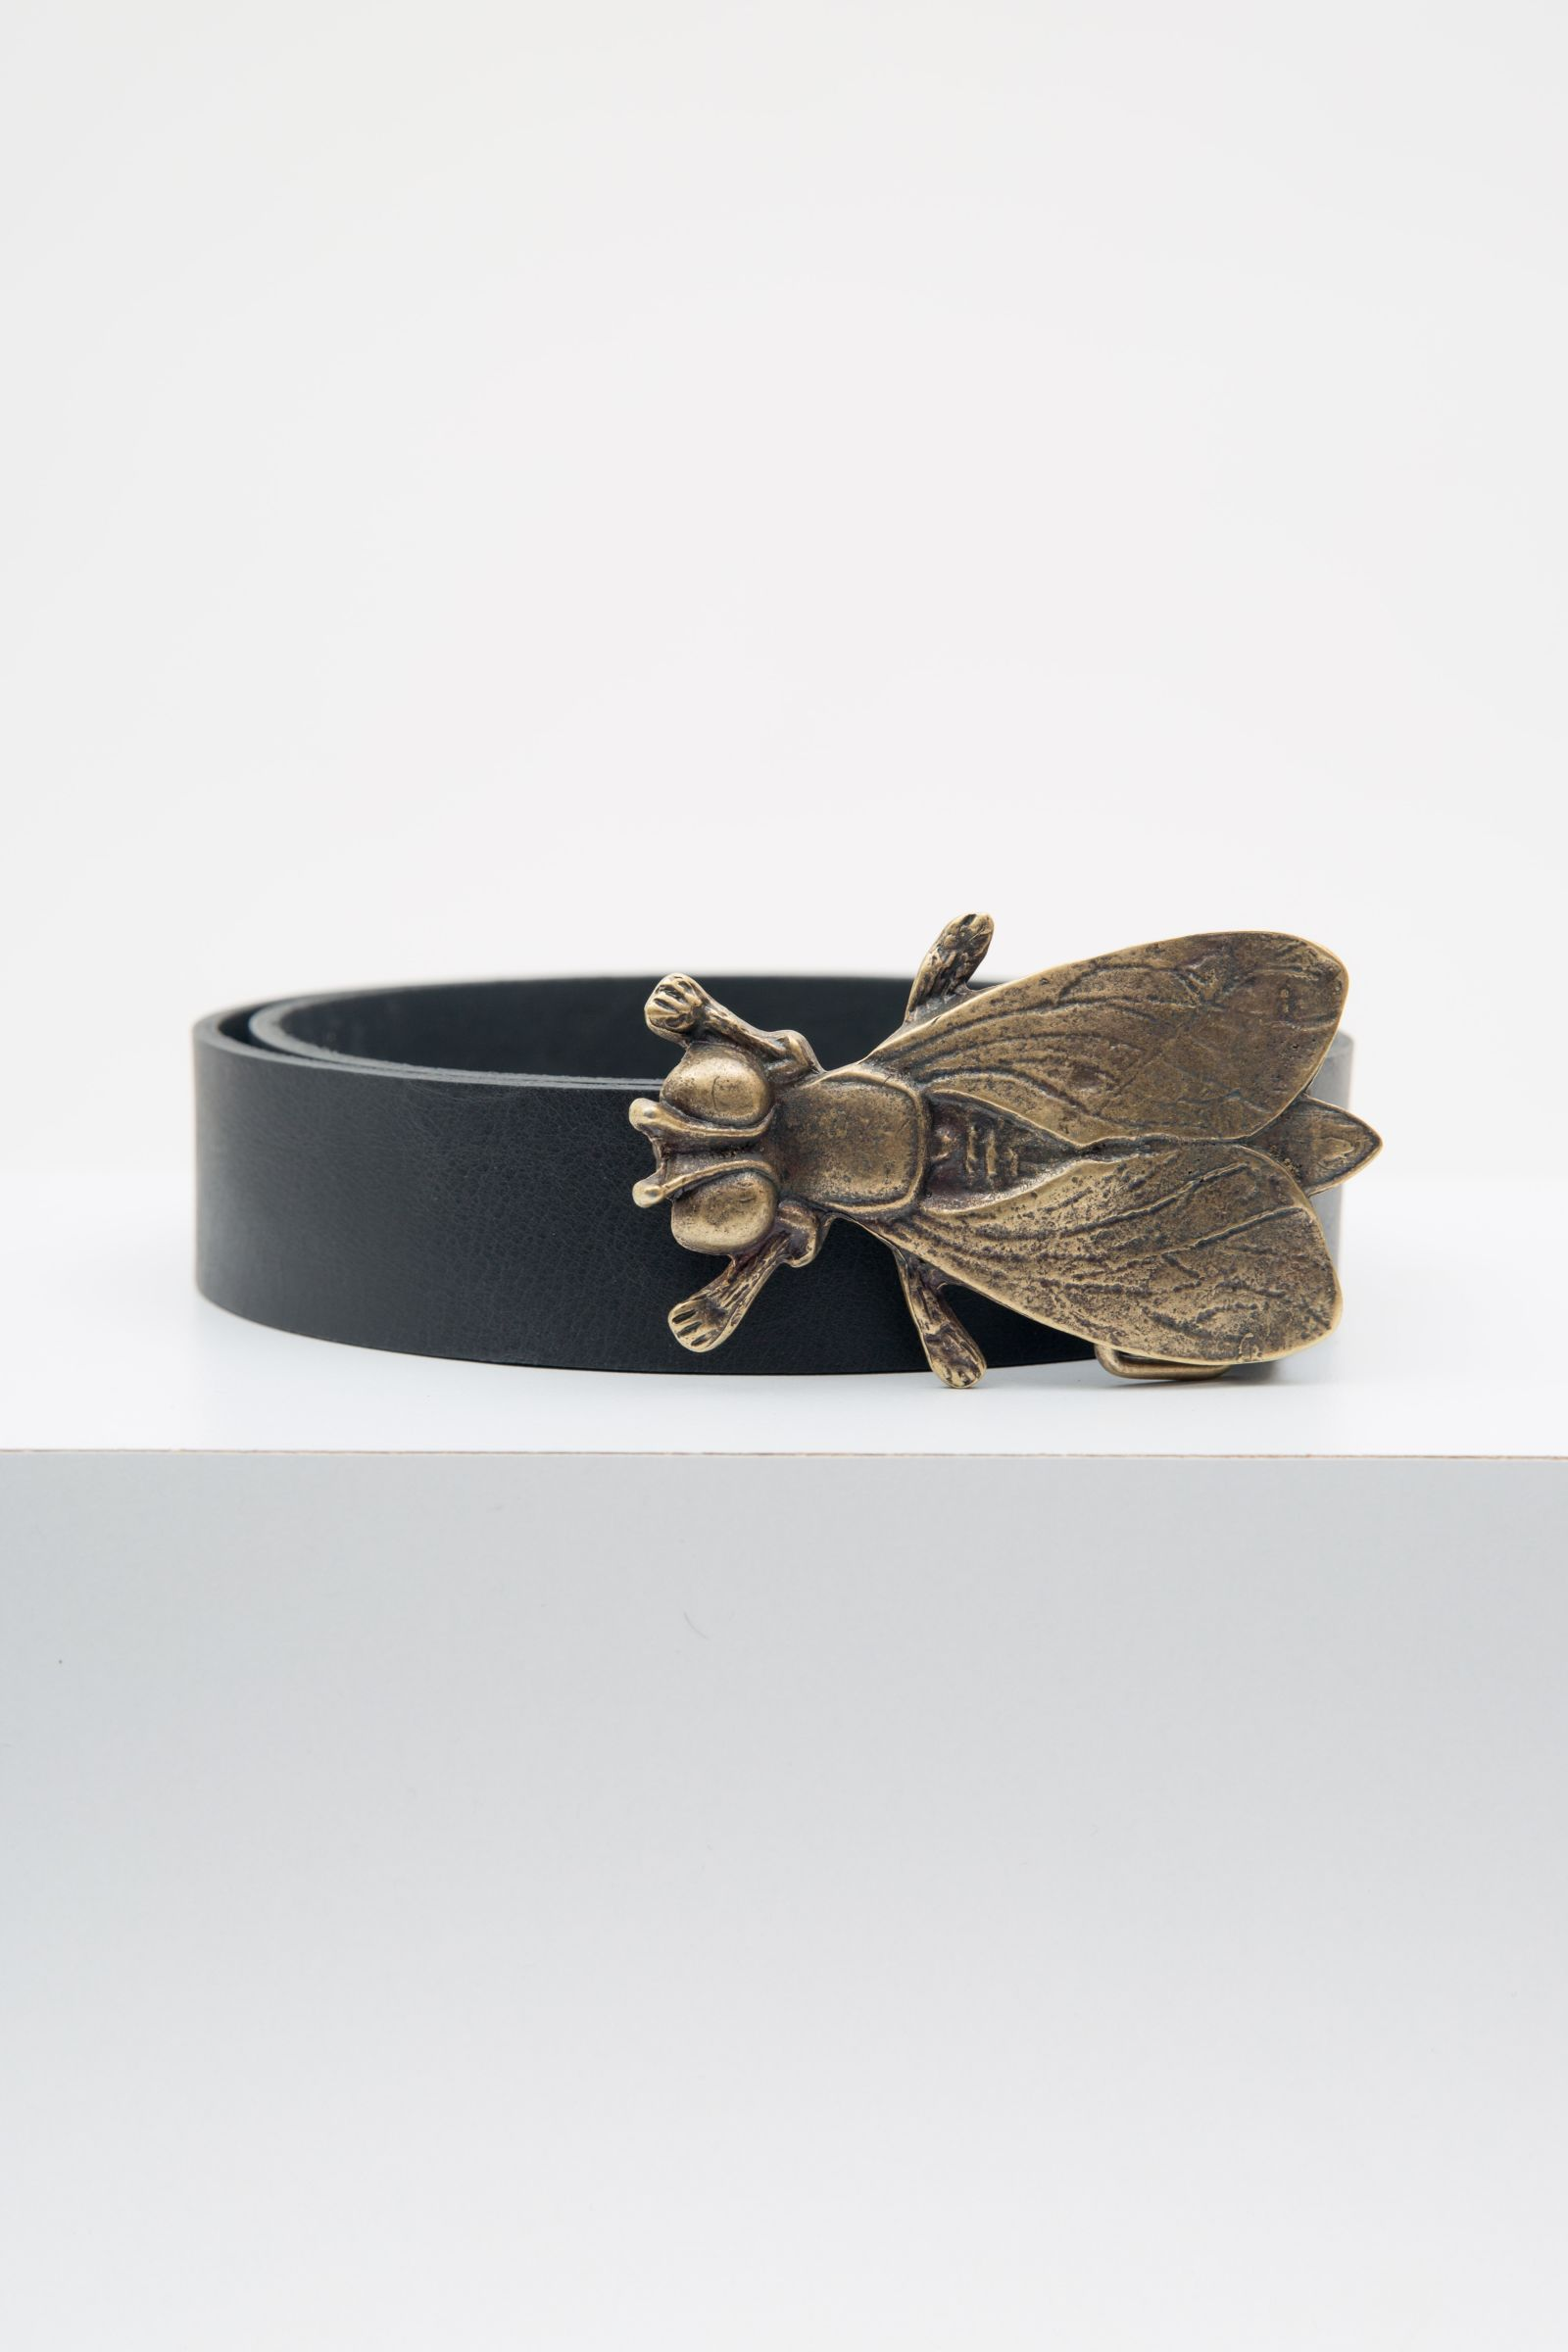 Cinturones Fly Negro Liso